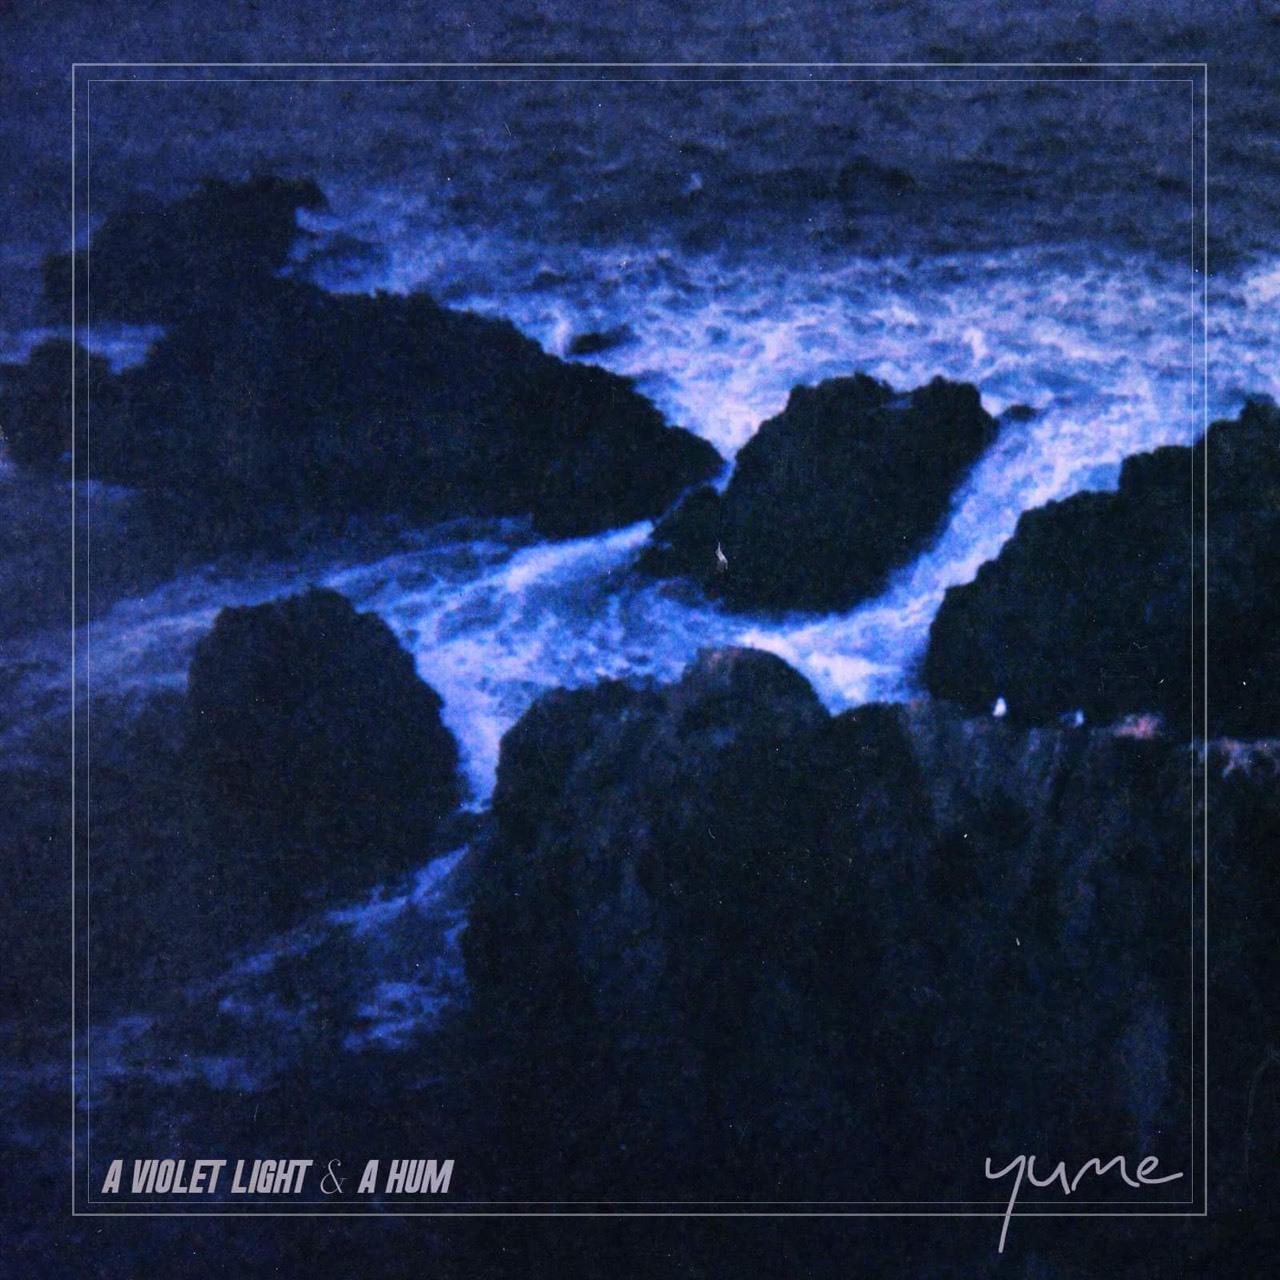 Yume / A VIOLET LIGHT & A HUM(CD)